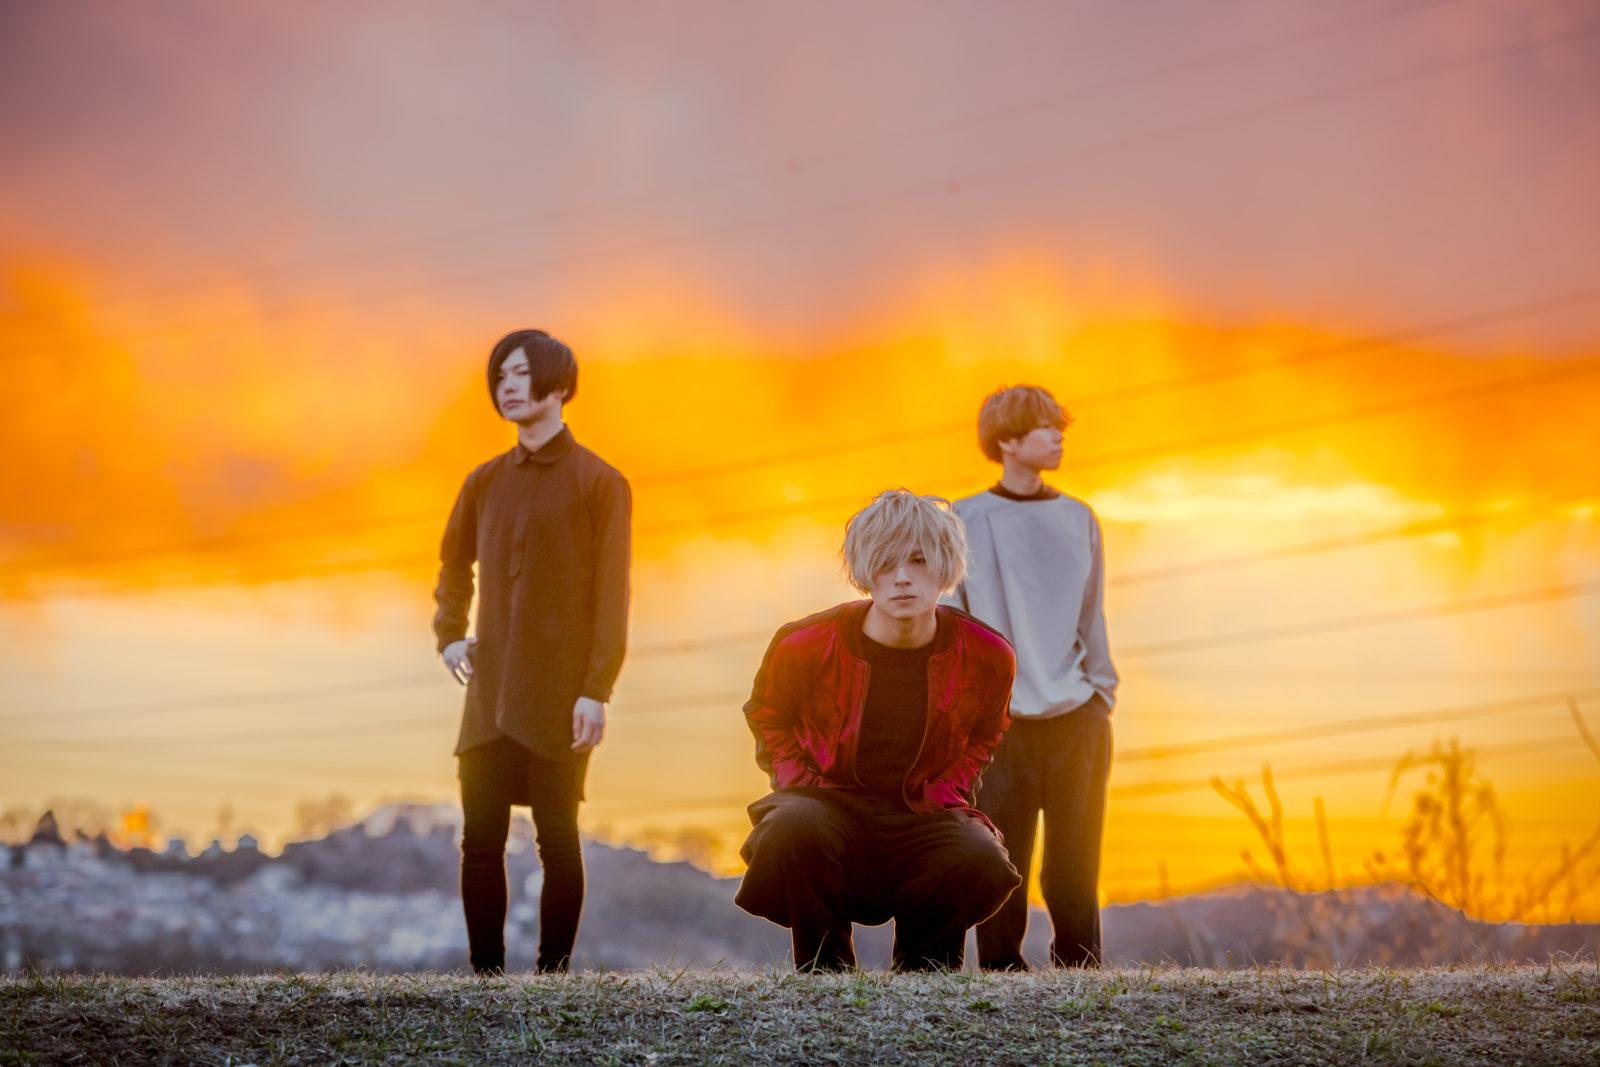 新世代3ピースロックバンド・Plot Scraps バンド初となる全国流通音源がリリース決定サムネイル画像